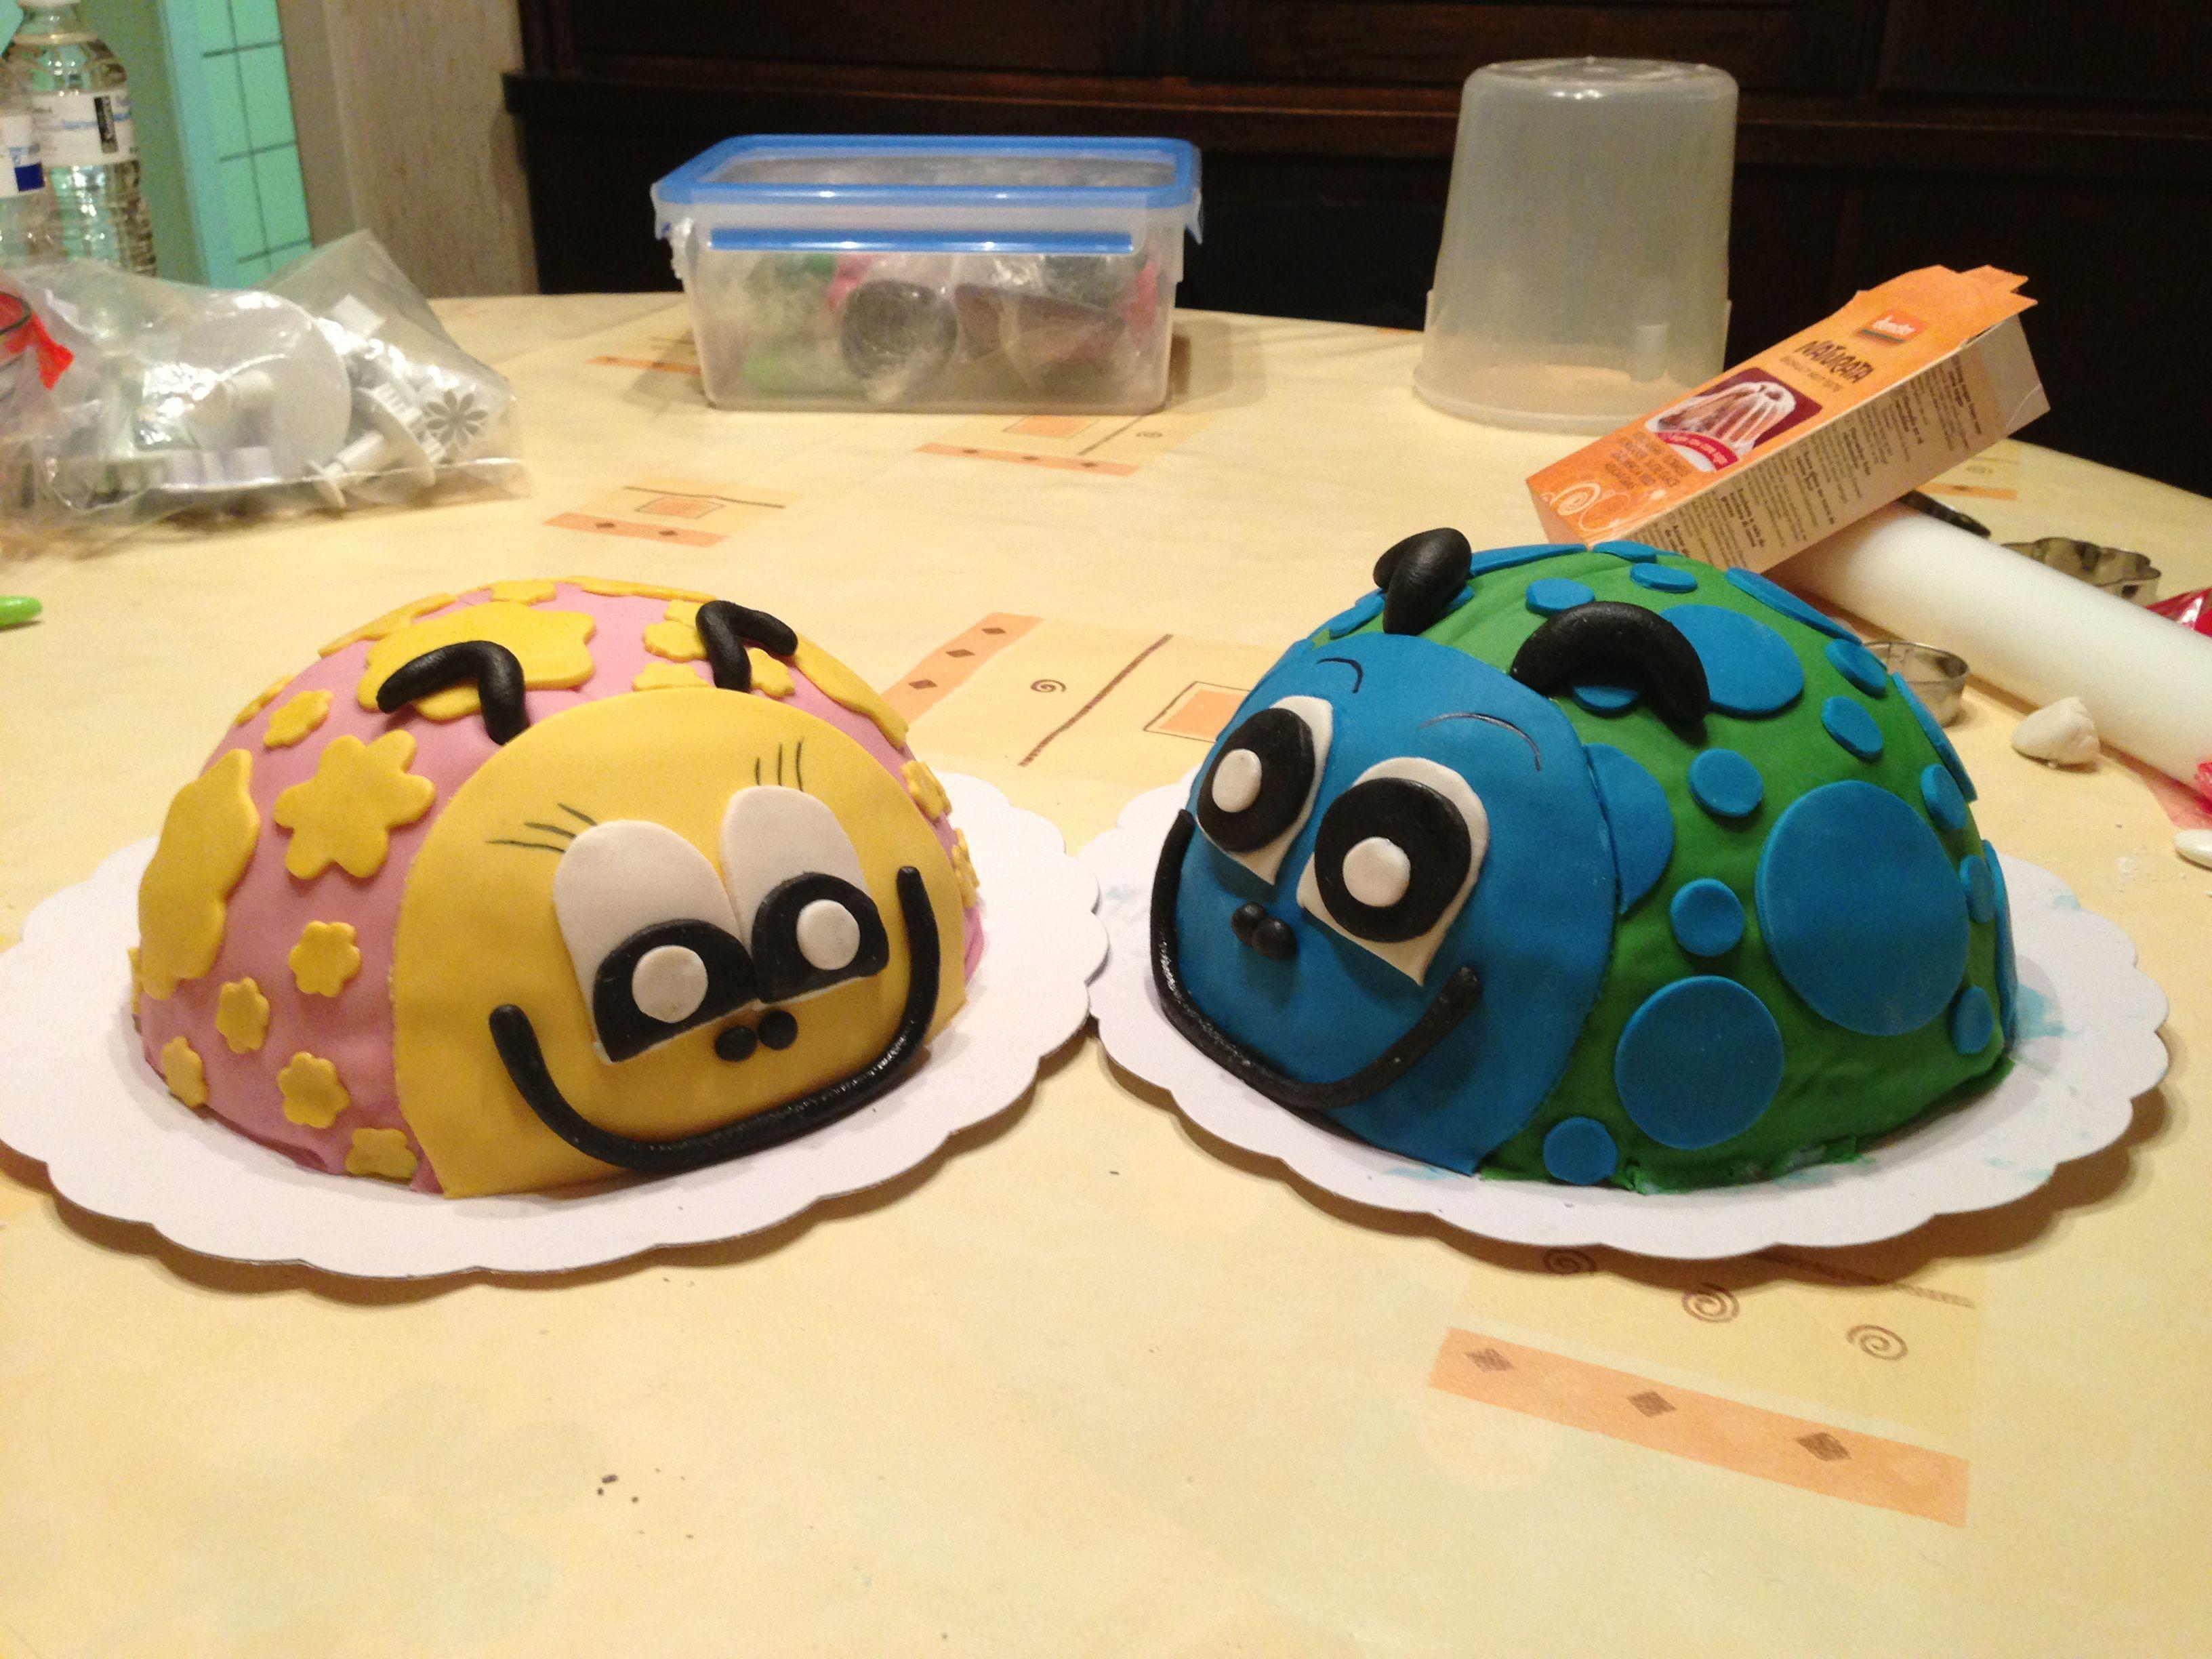 Ladybug Cakes For Kids Ladybug Cakes Make Birthday Cake Kids Cake